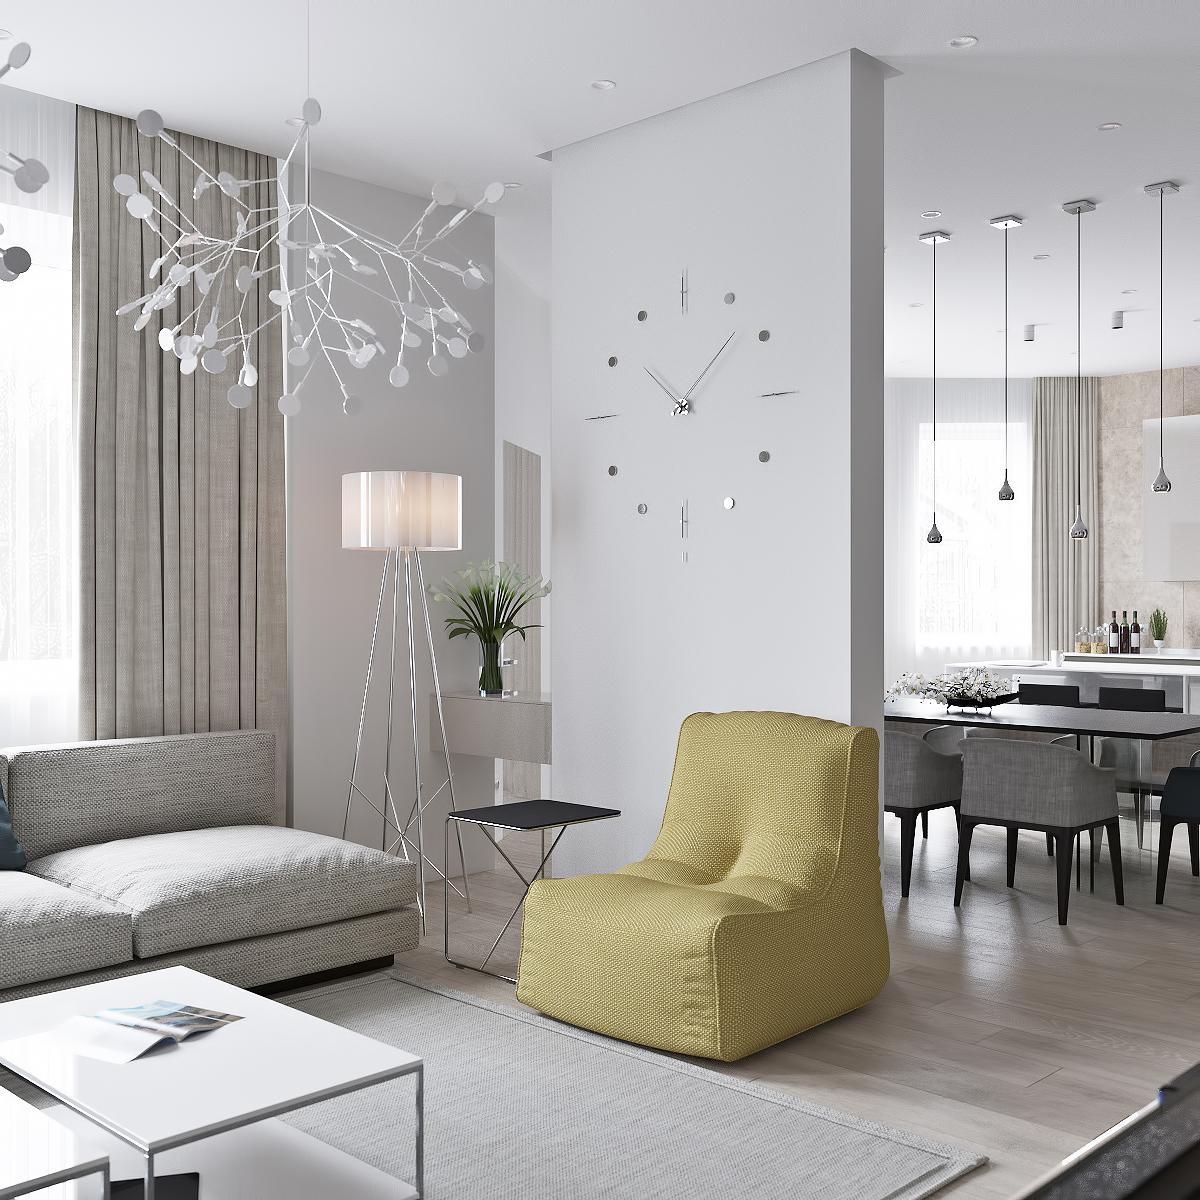 简约风格公寓客餐厅隔断装修设计效果图